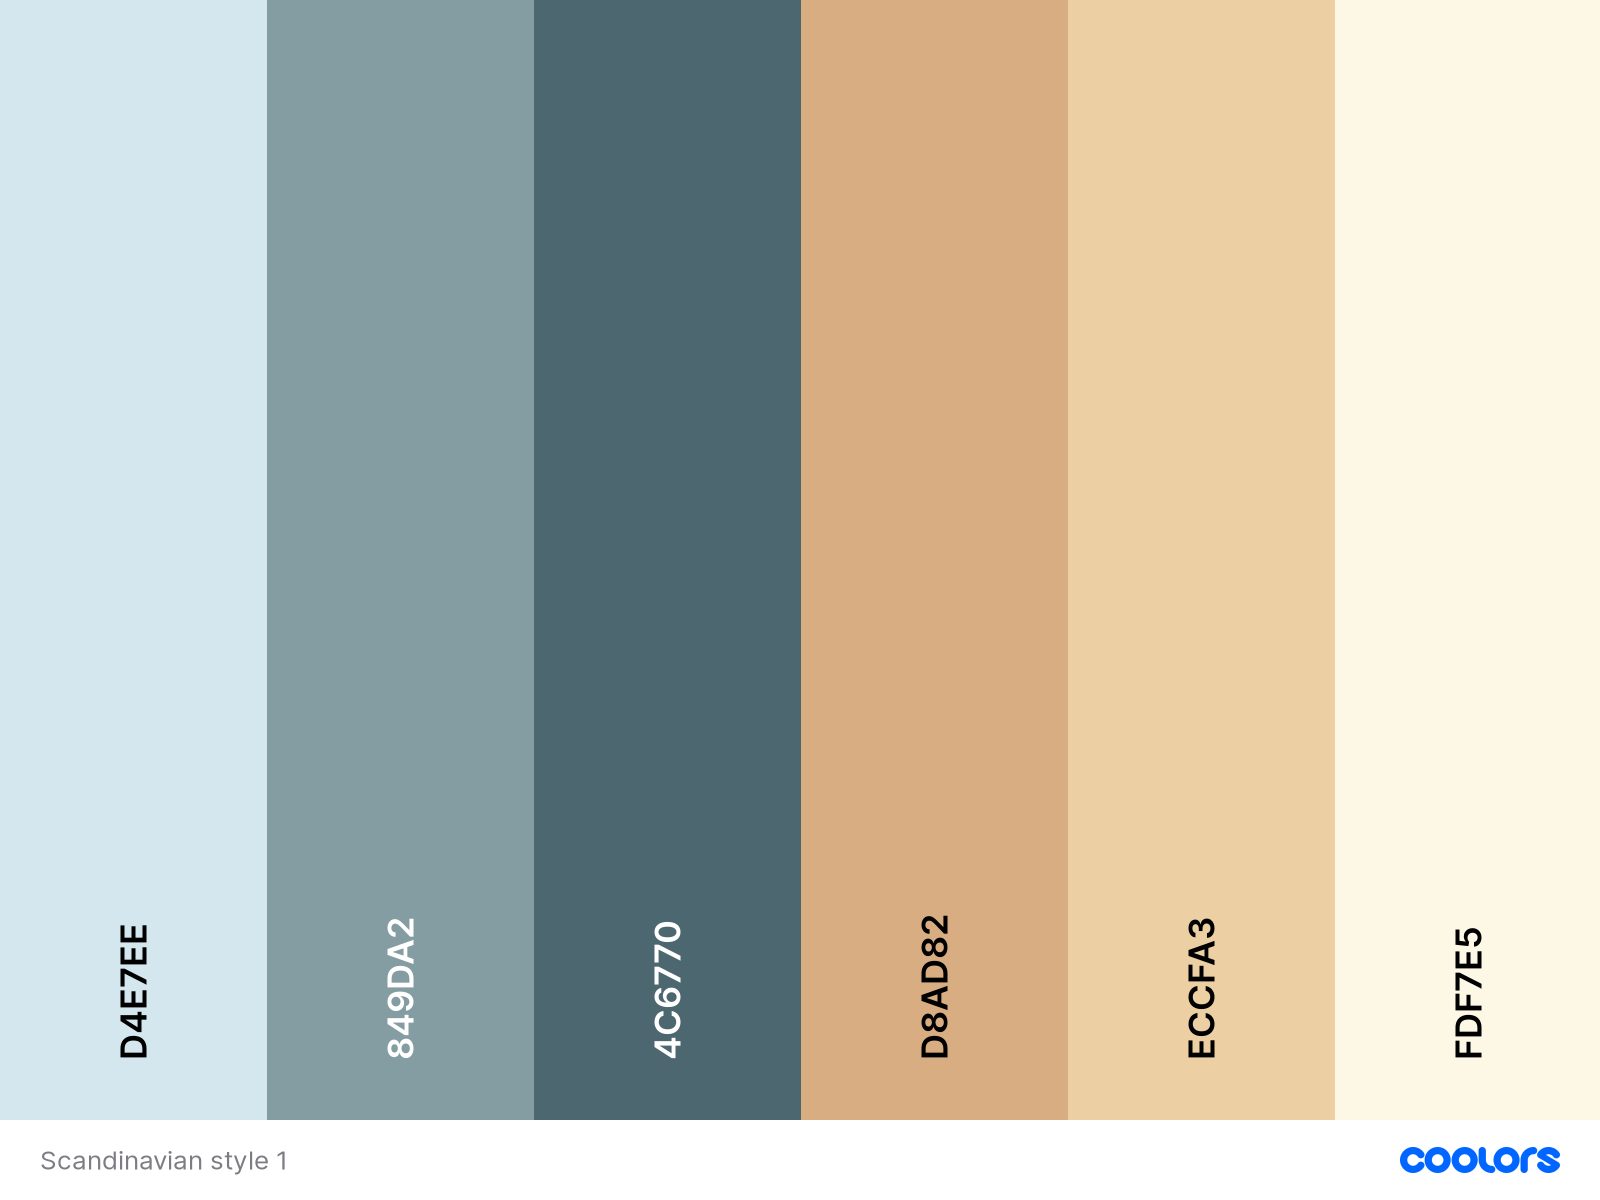 Paleta De Colores Opción 1 Paletas De Colores Grises Paleta De Colores Paleta De Colores Azul